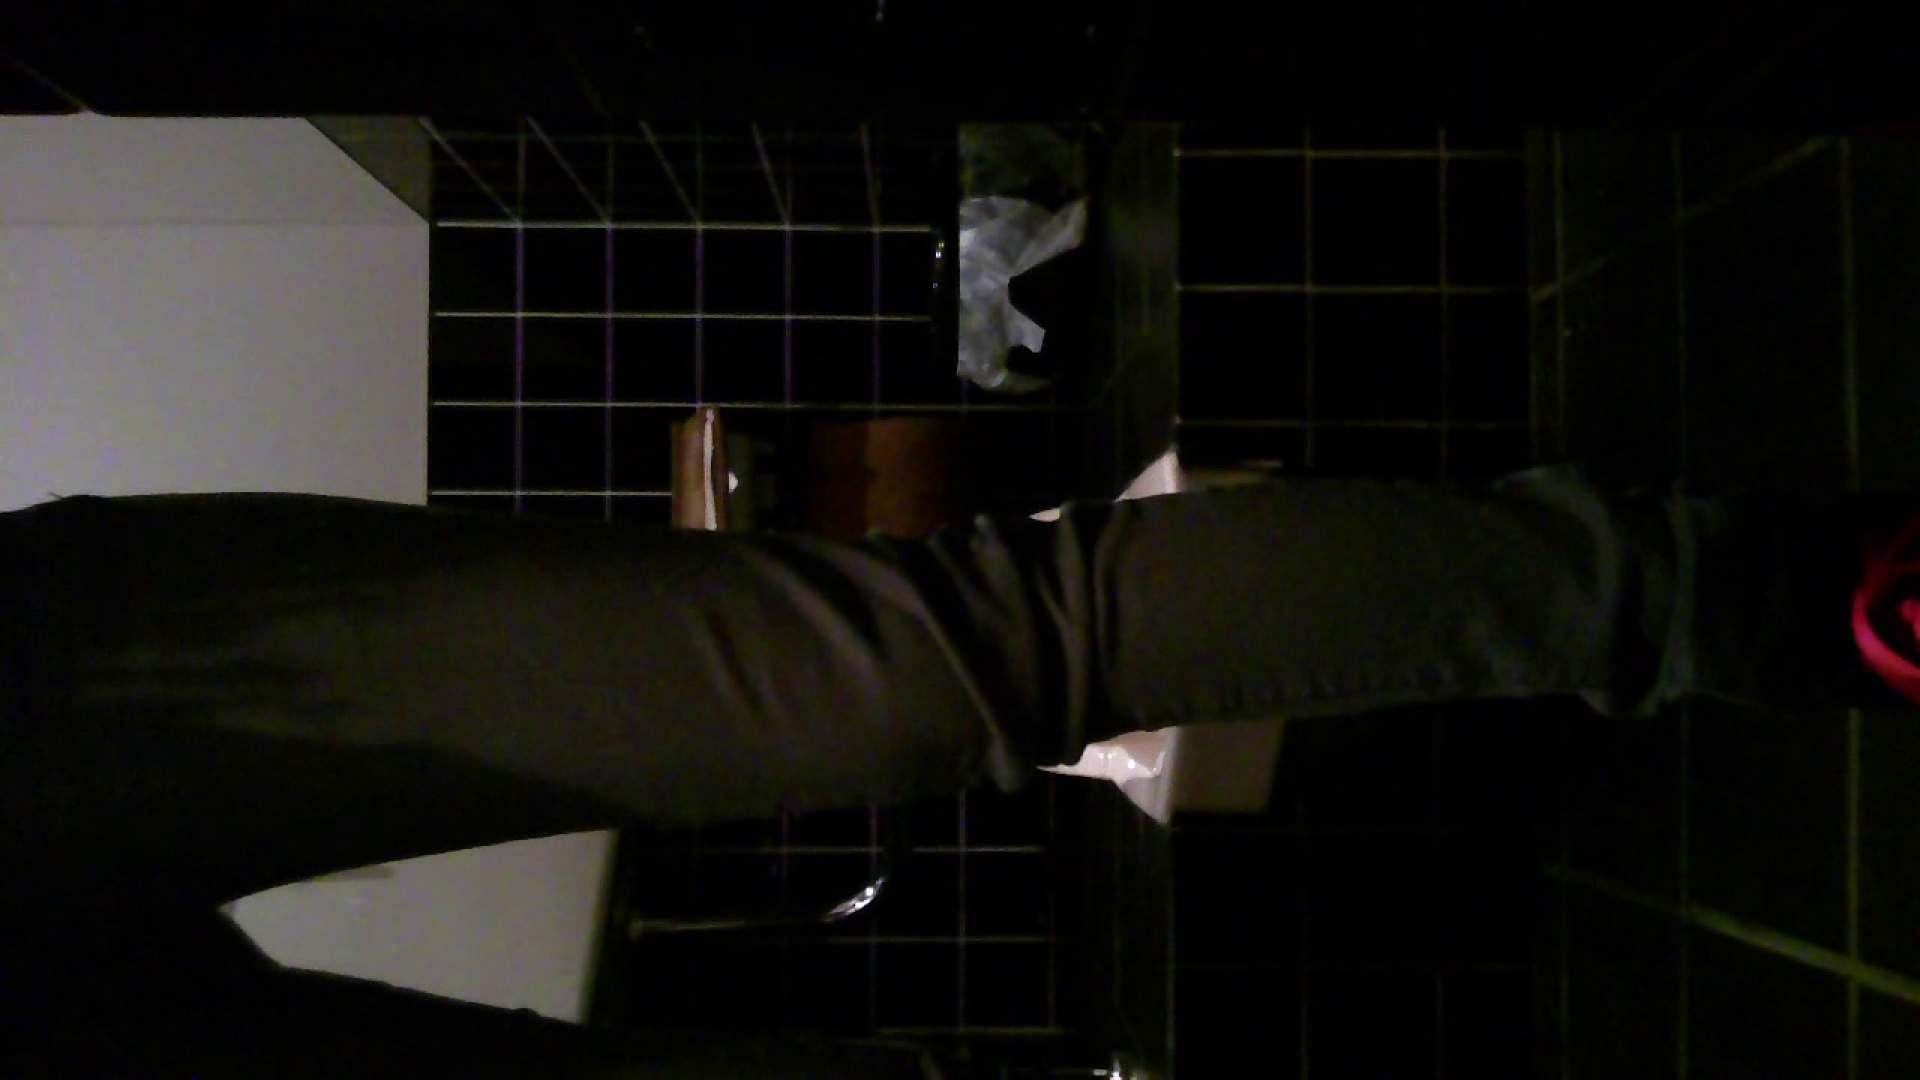 美女の集まる飲み屋洗面所 vol.02 キャバ嬢ヌード オメコ無修正動画無料 110画像 9